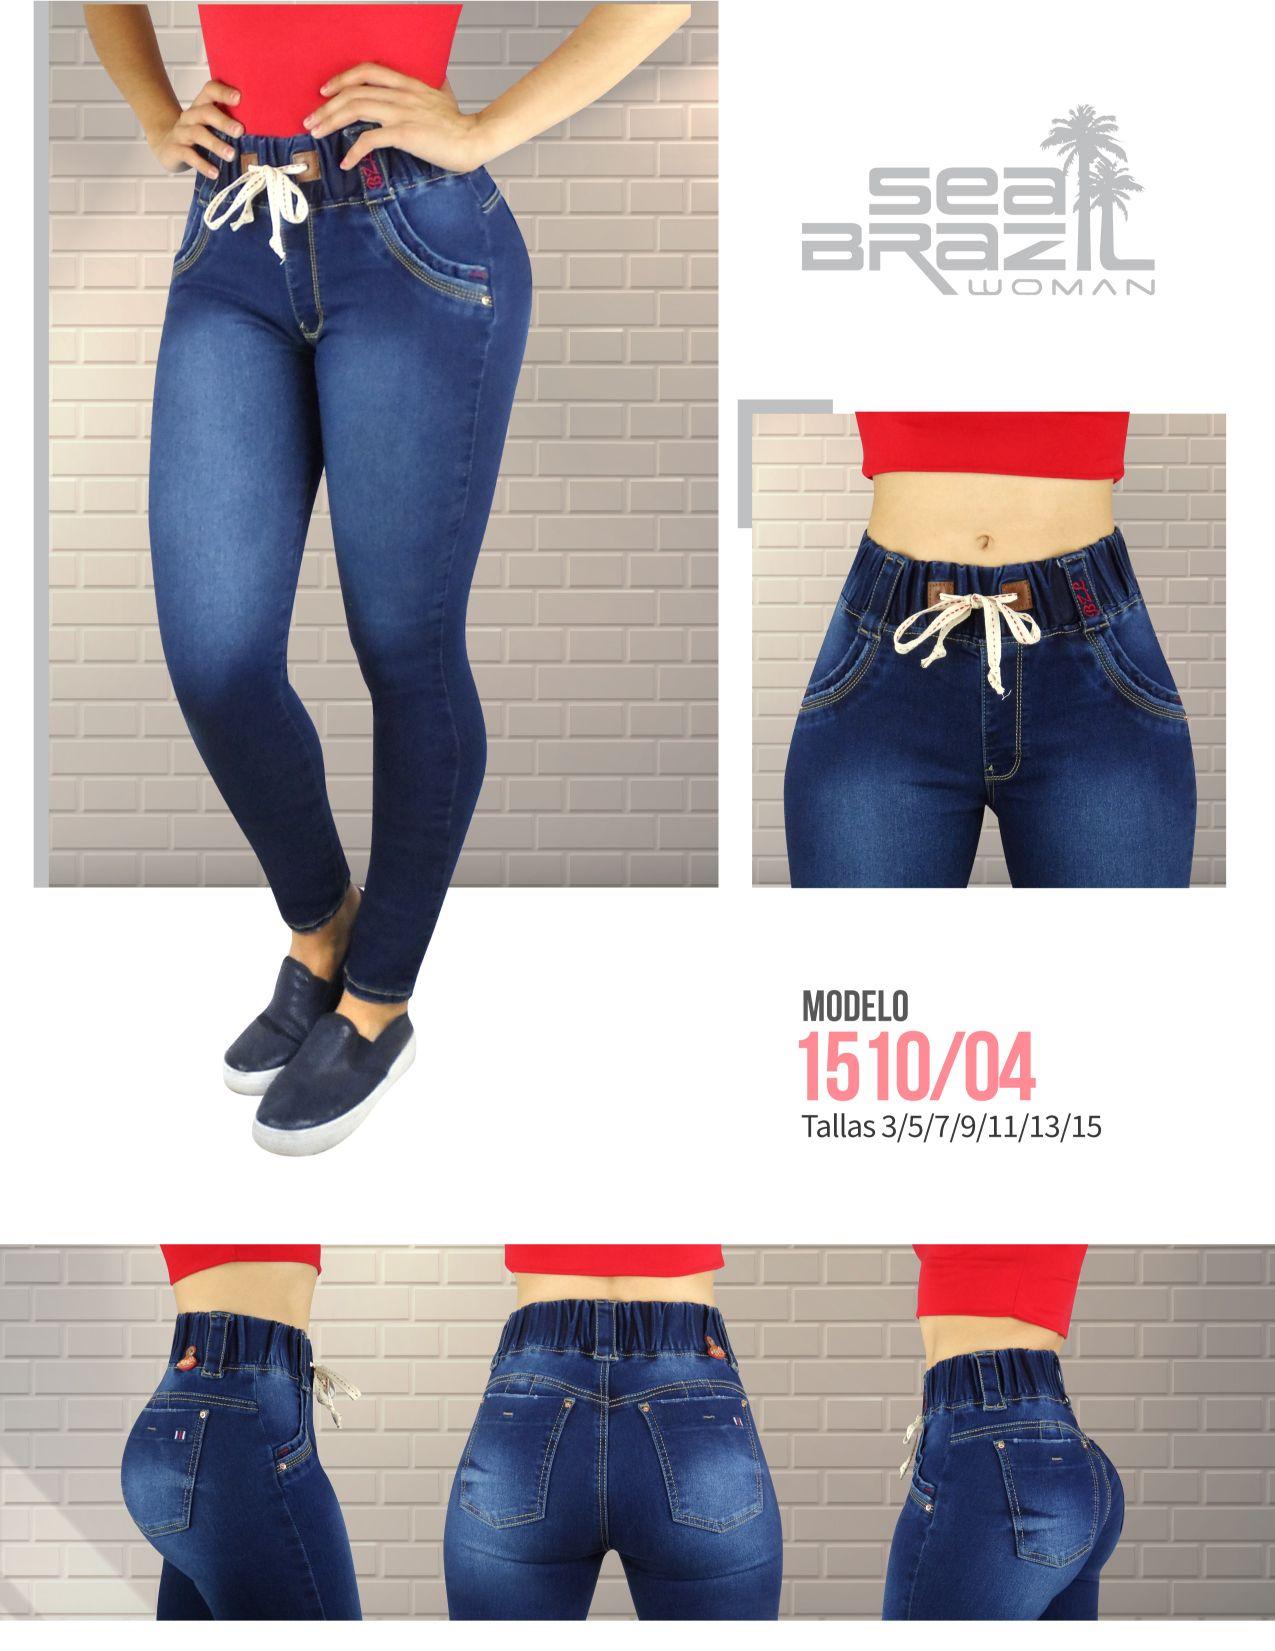 6f3dac1f38 Estos  jeans de nuestra línea  sport fueron creados pensando en las chicas  que les